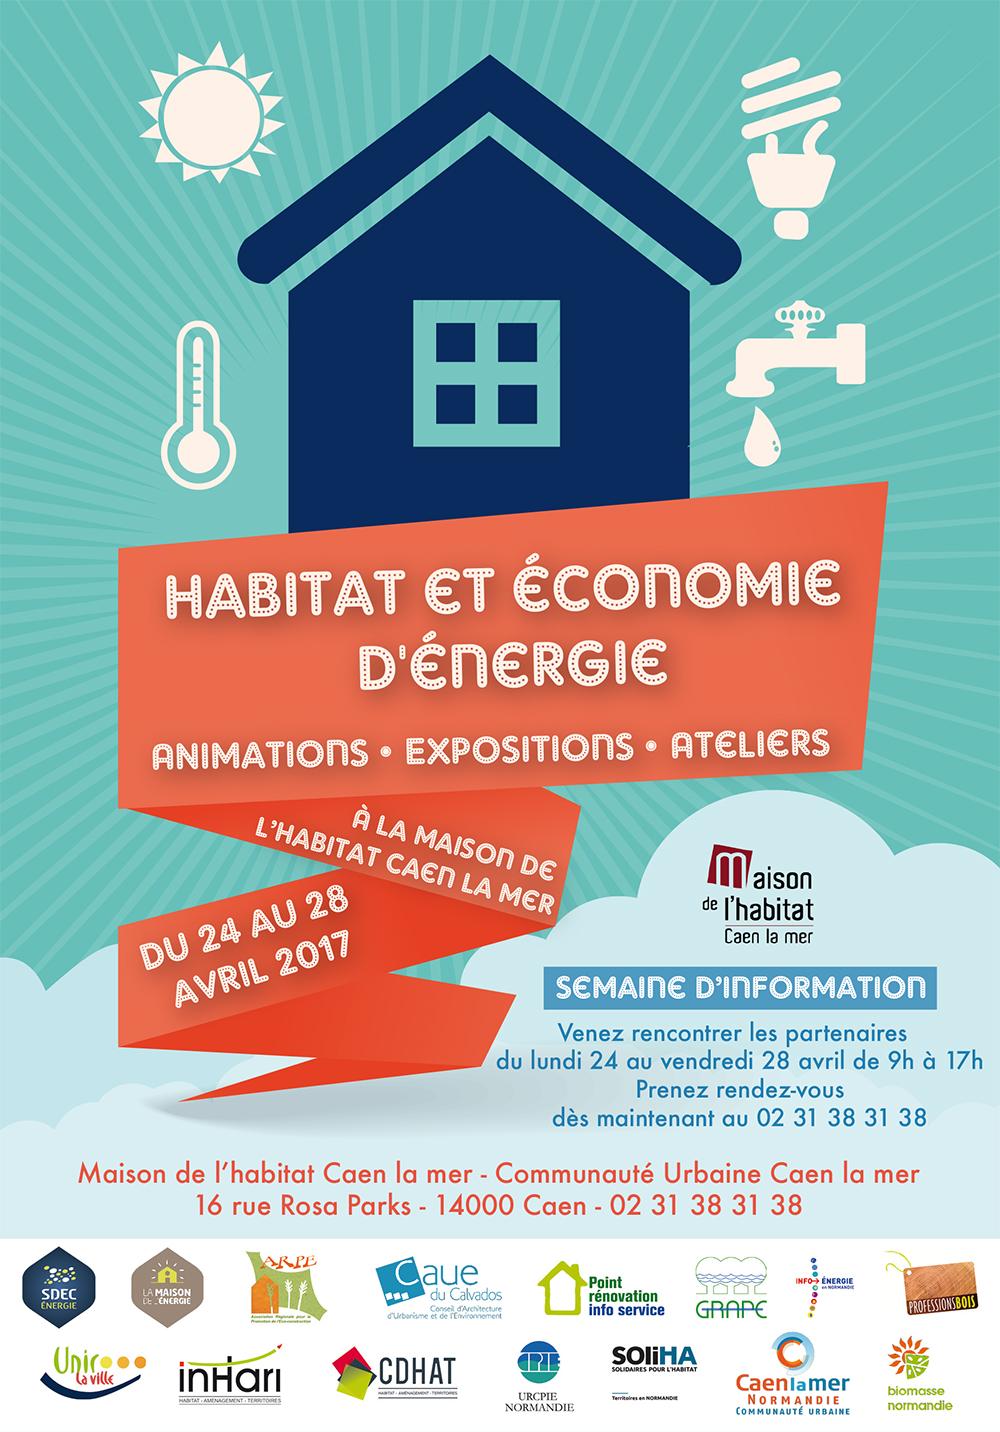 Habitat et économie d'énergie Maison de l'Habitat du 24 au 28 avril 2017